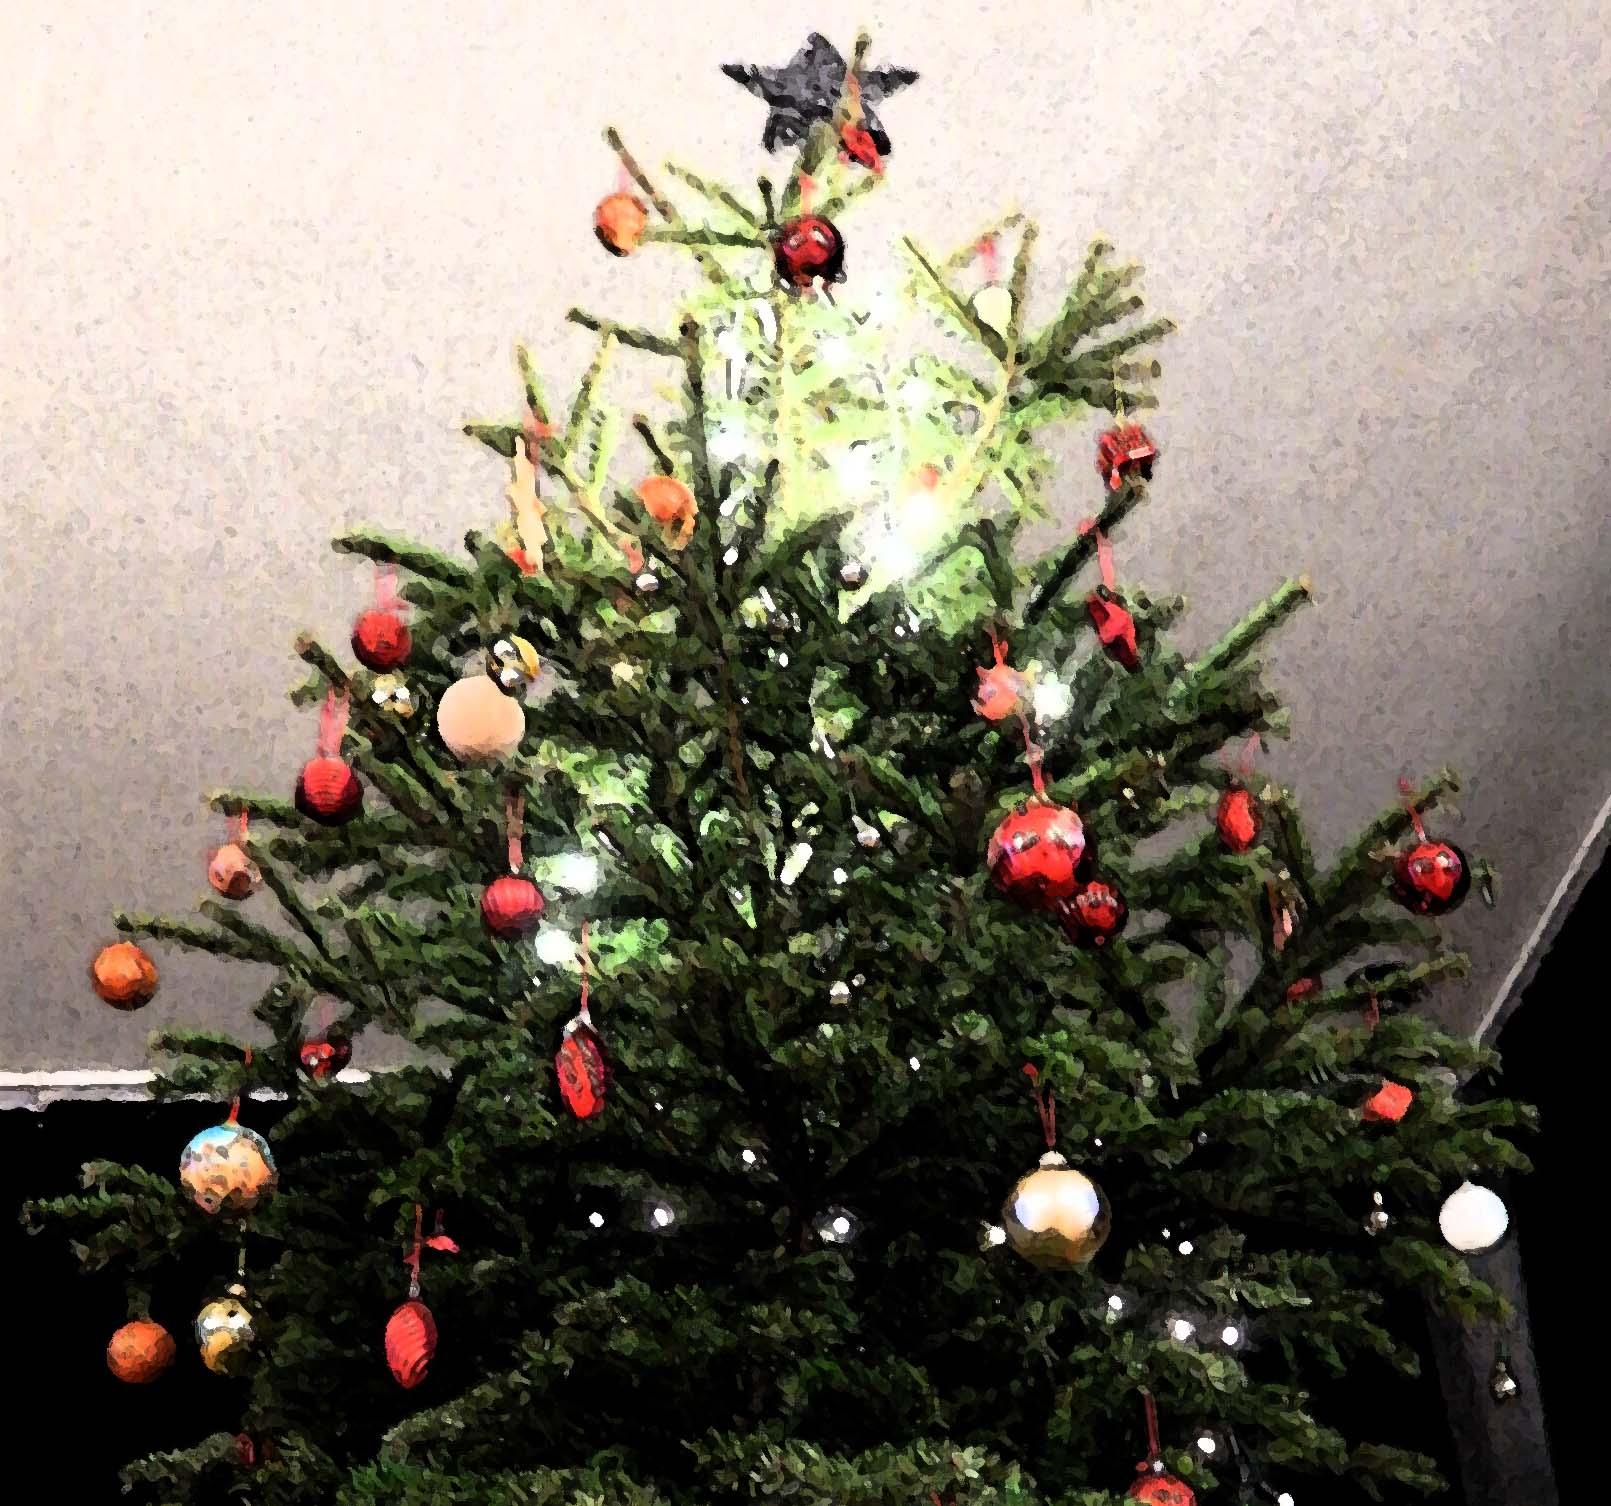 Das Osterbrook-Team wünscht eine besinnliche Weihnachtszeit